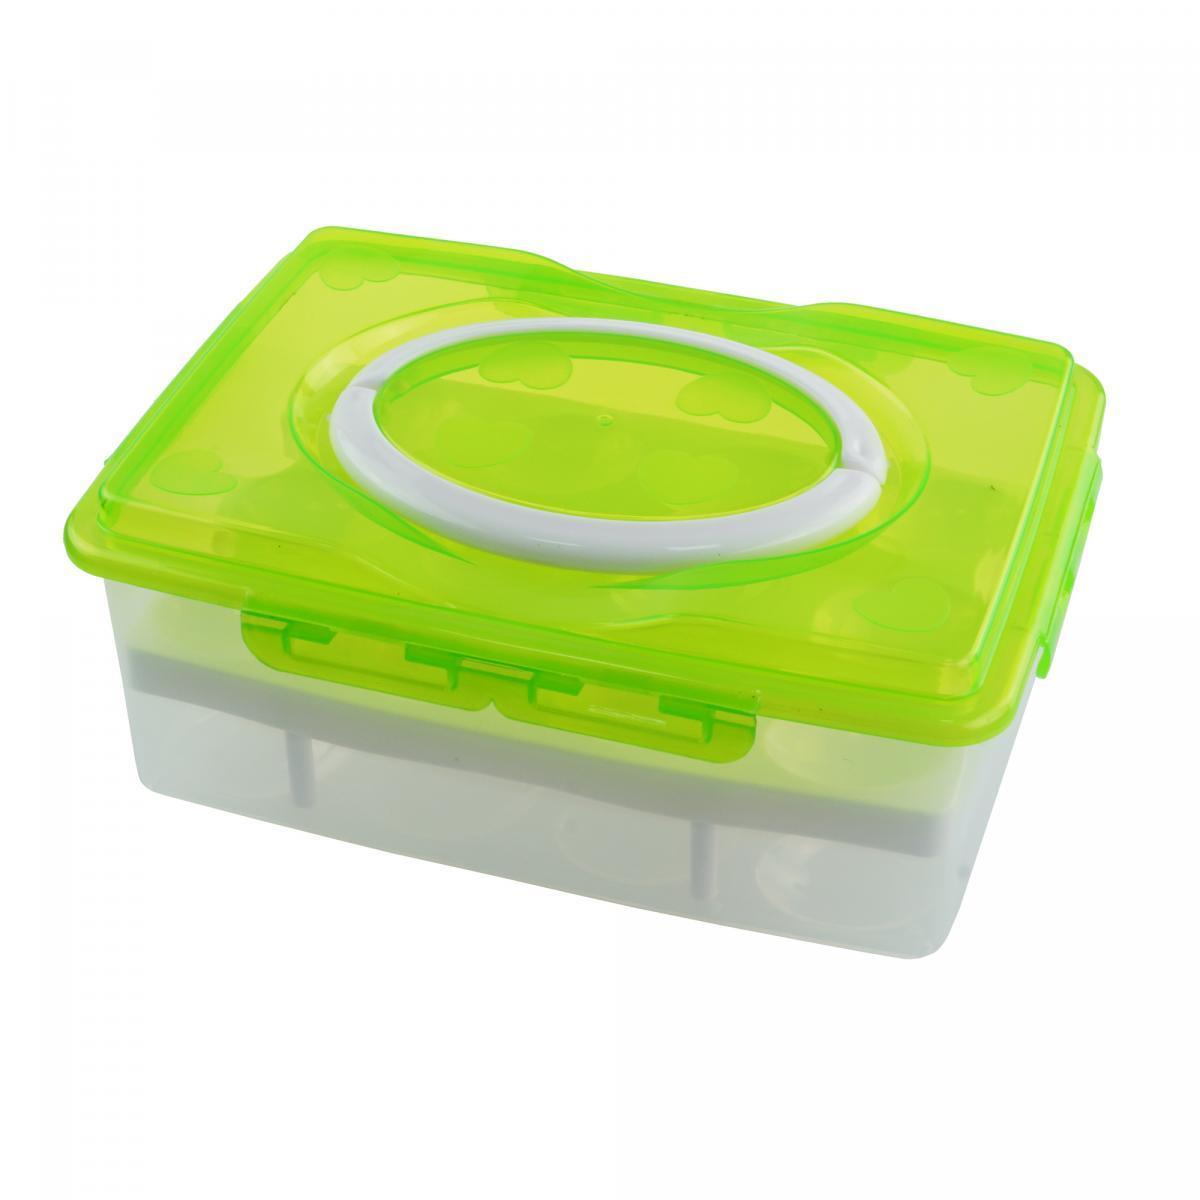 Контейнер для хранения яиц 24 шт., цвет салатовый